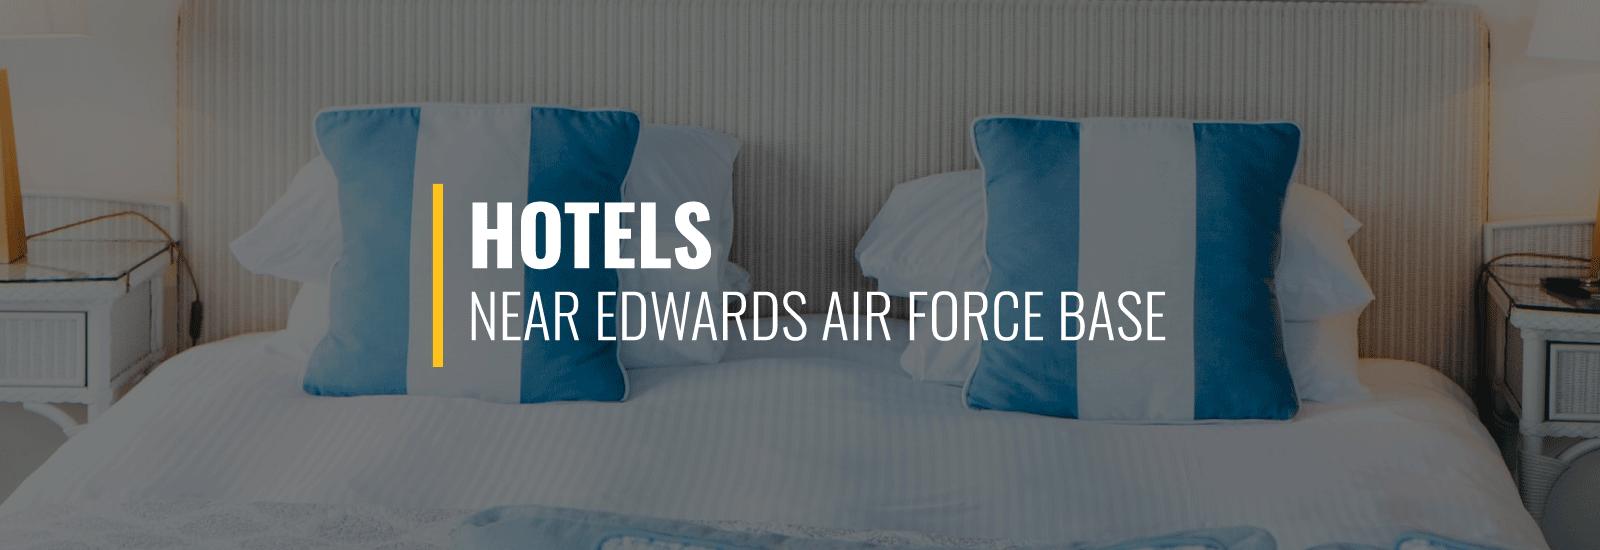 Edwards AFB Hotels